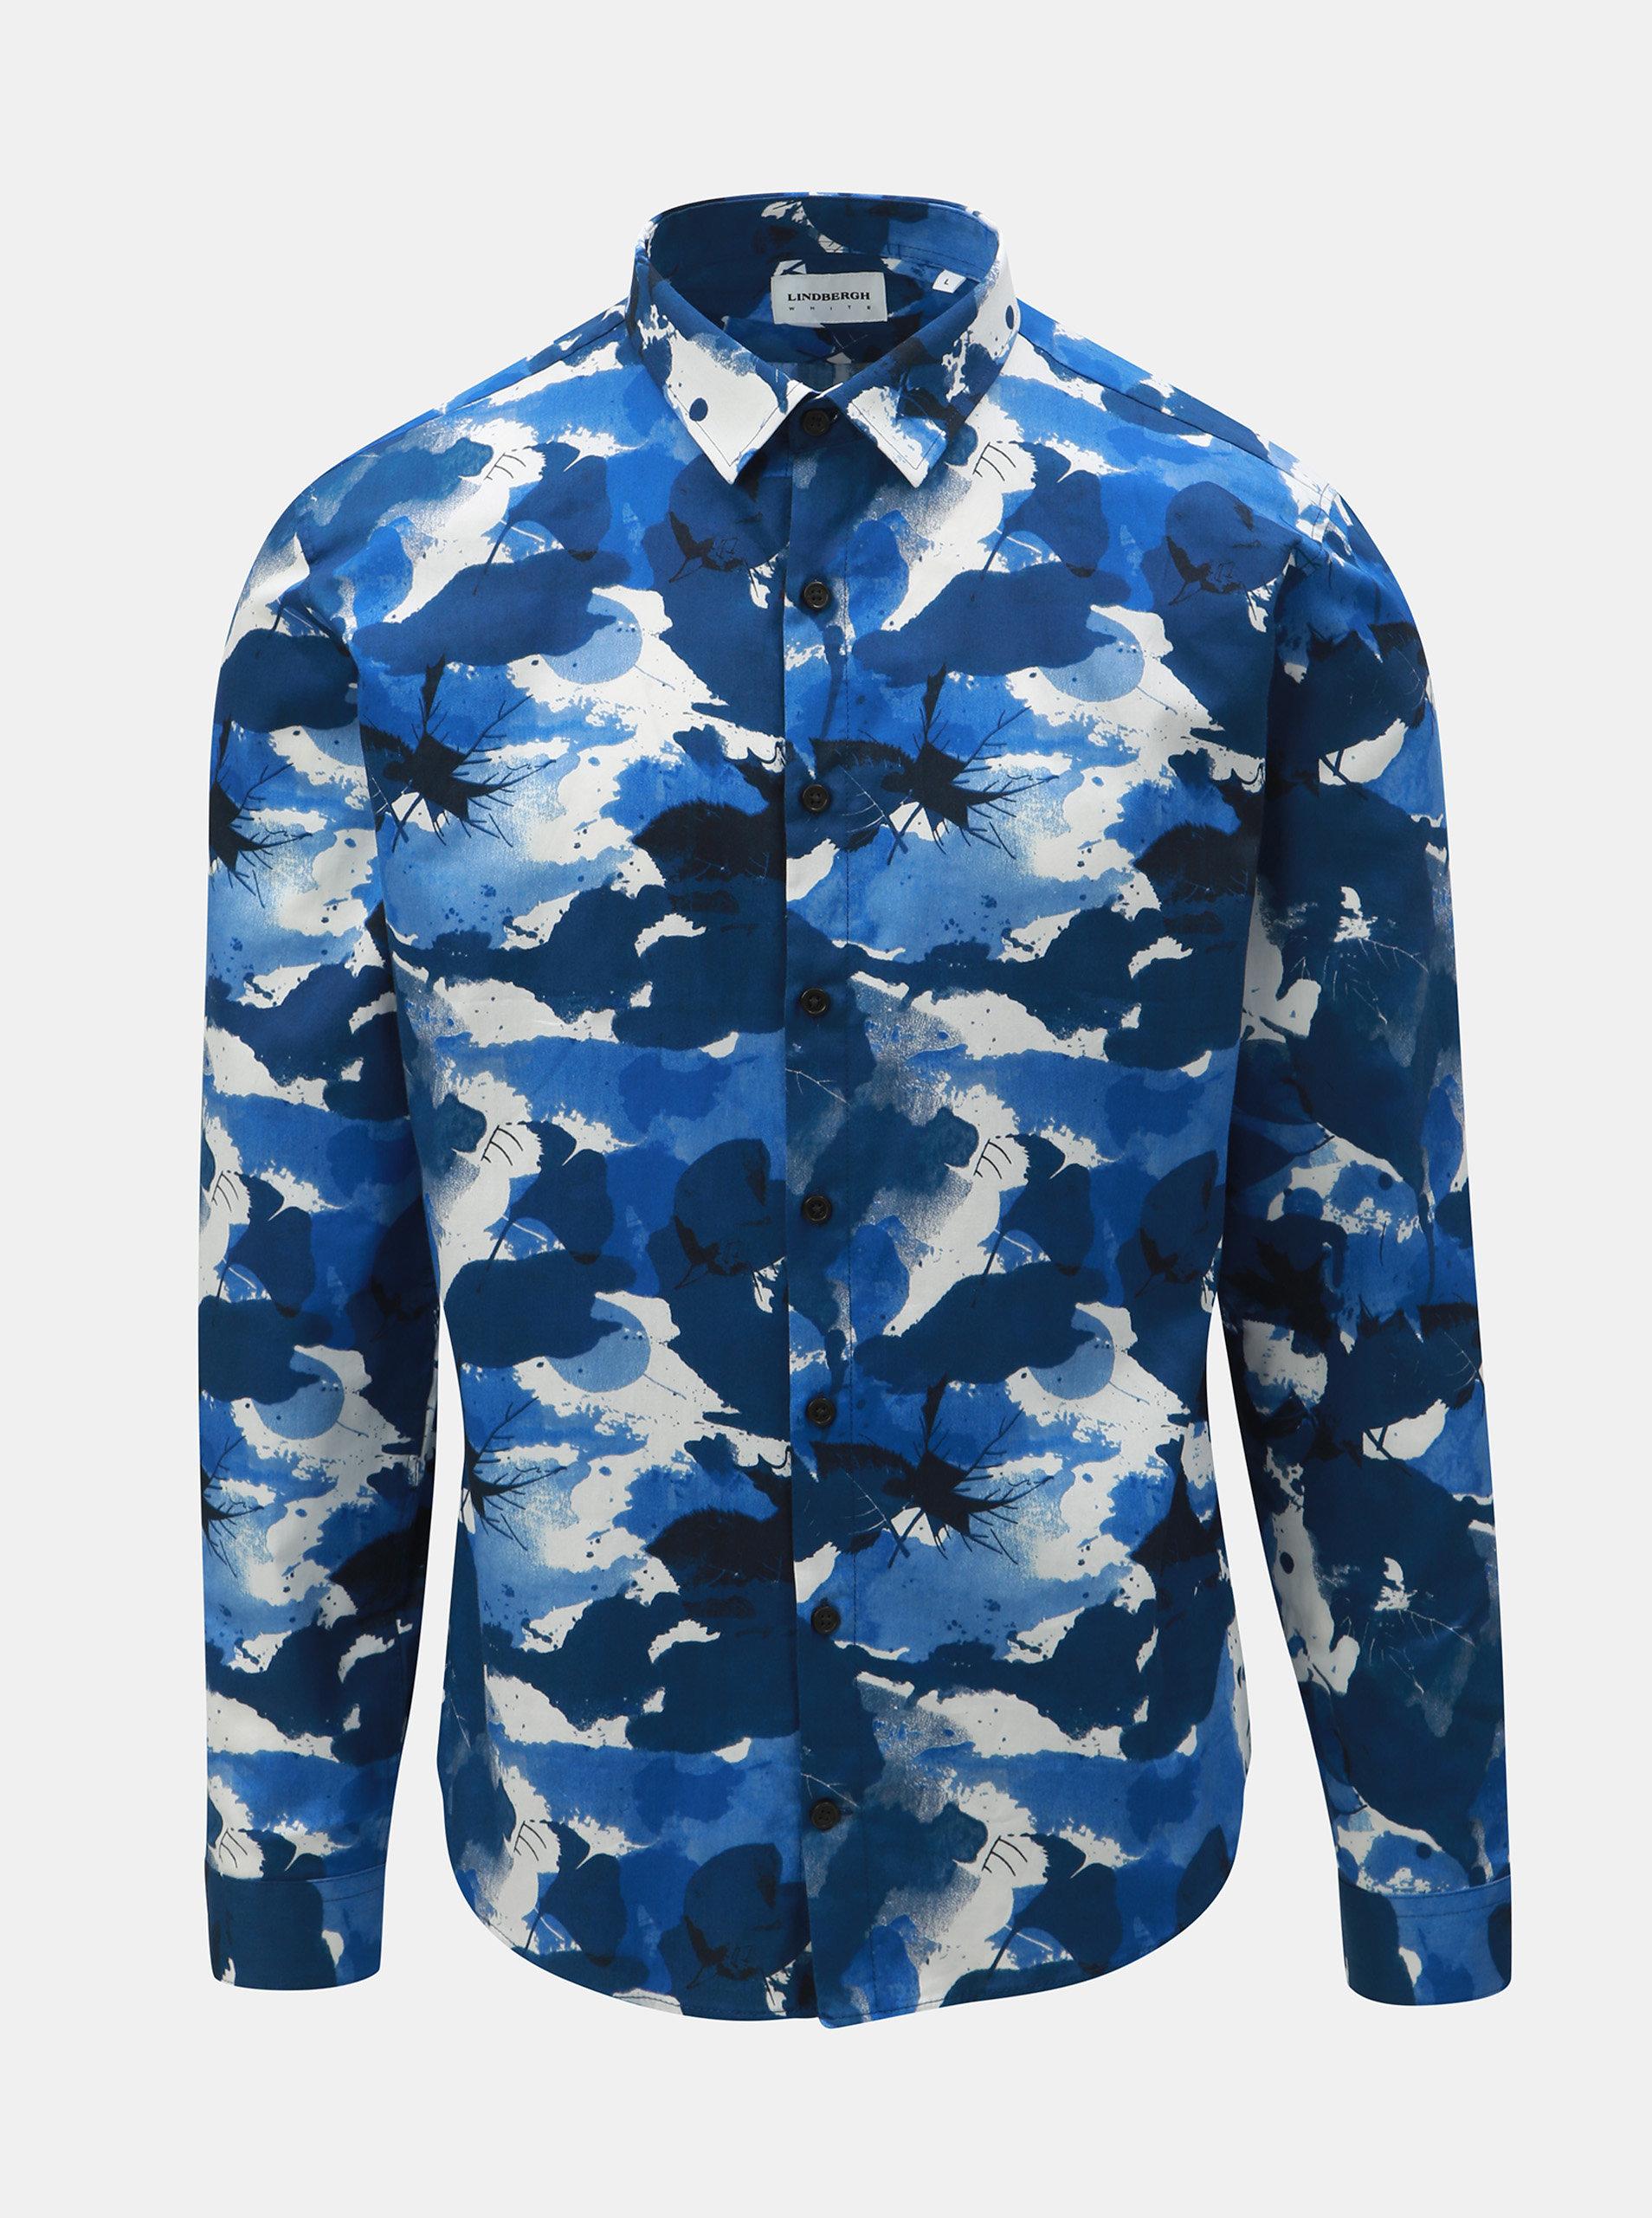 836eee00d529 Bielo–modrá vzorovaná košeľa s dlhým rukávom Lindbergh ...